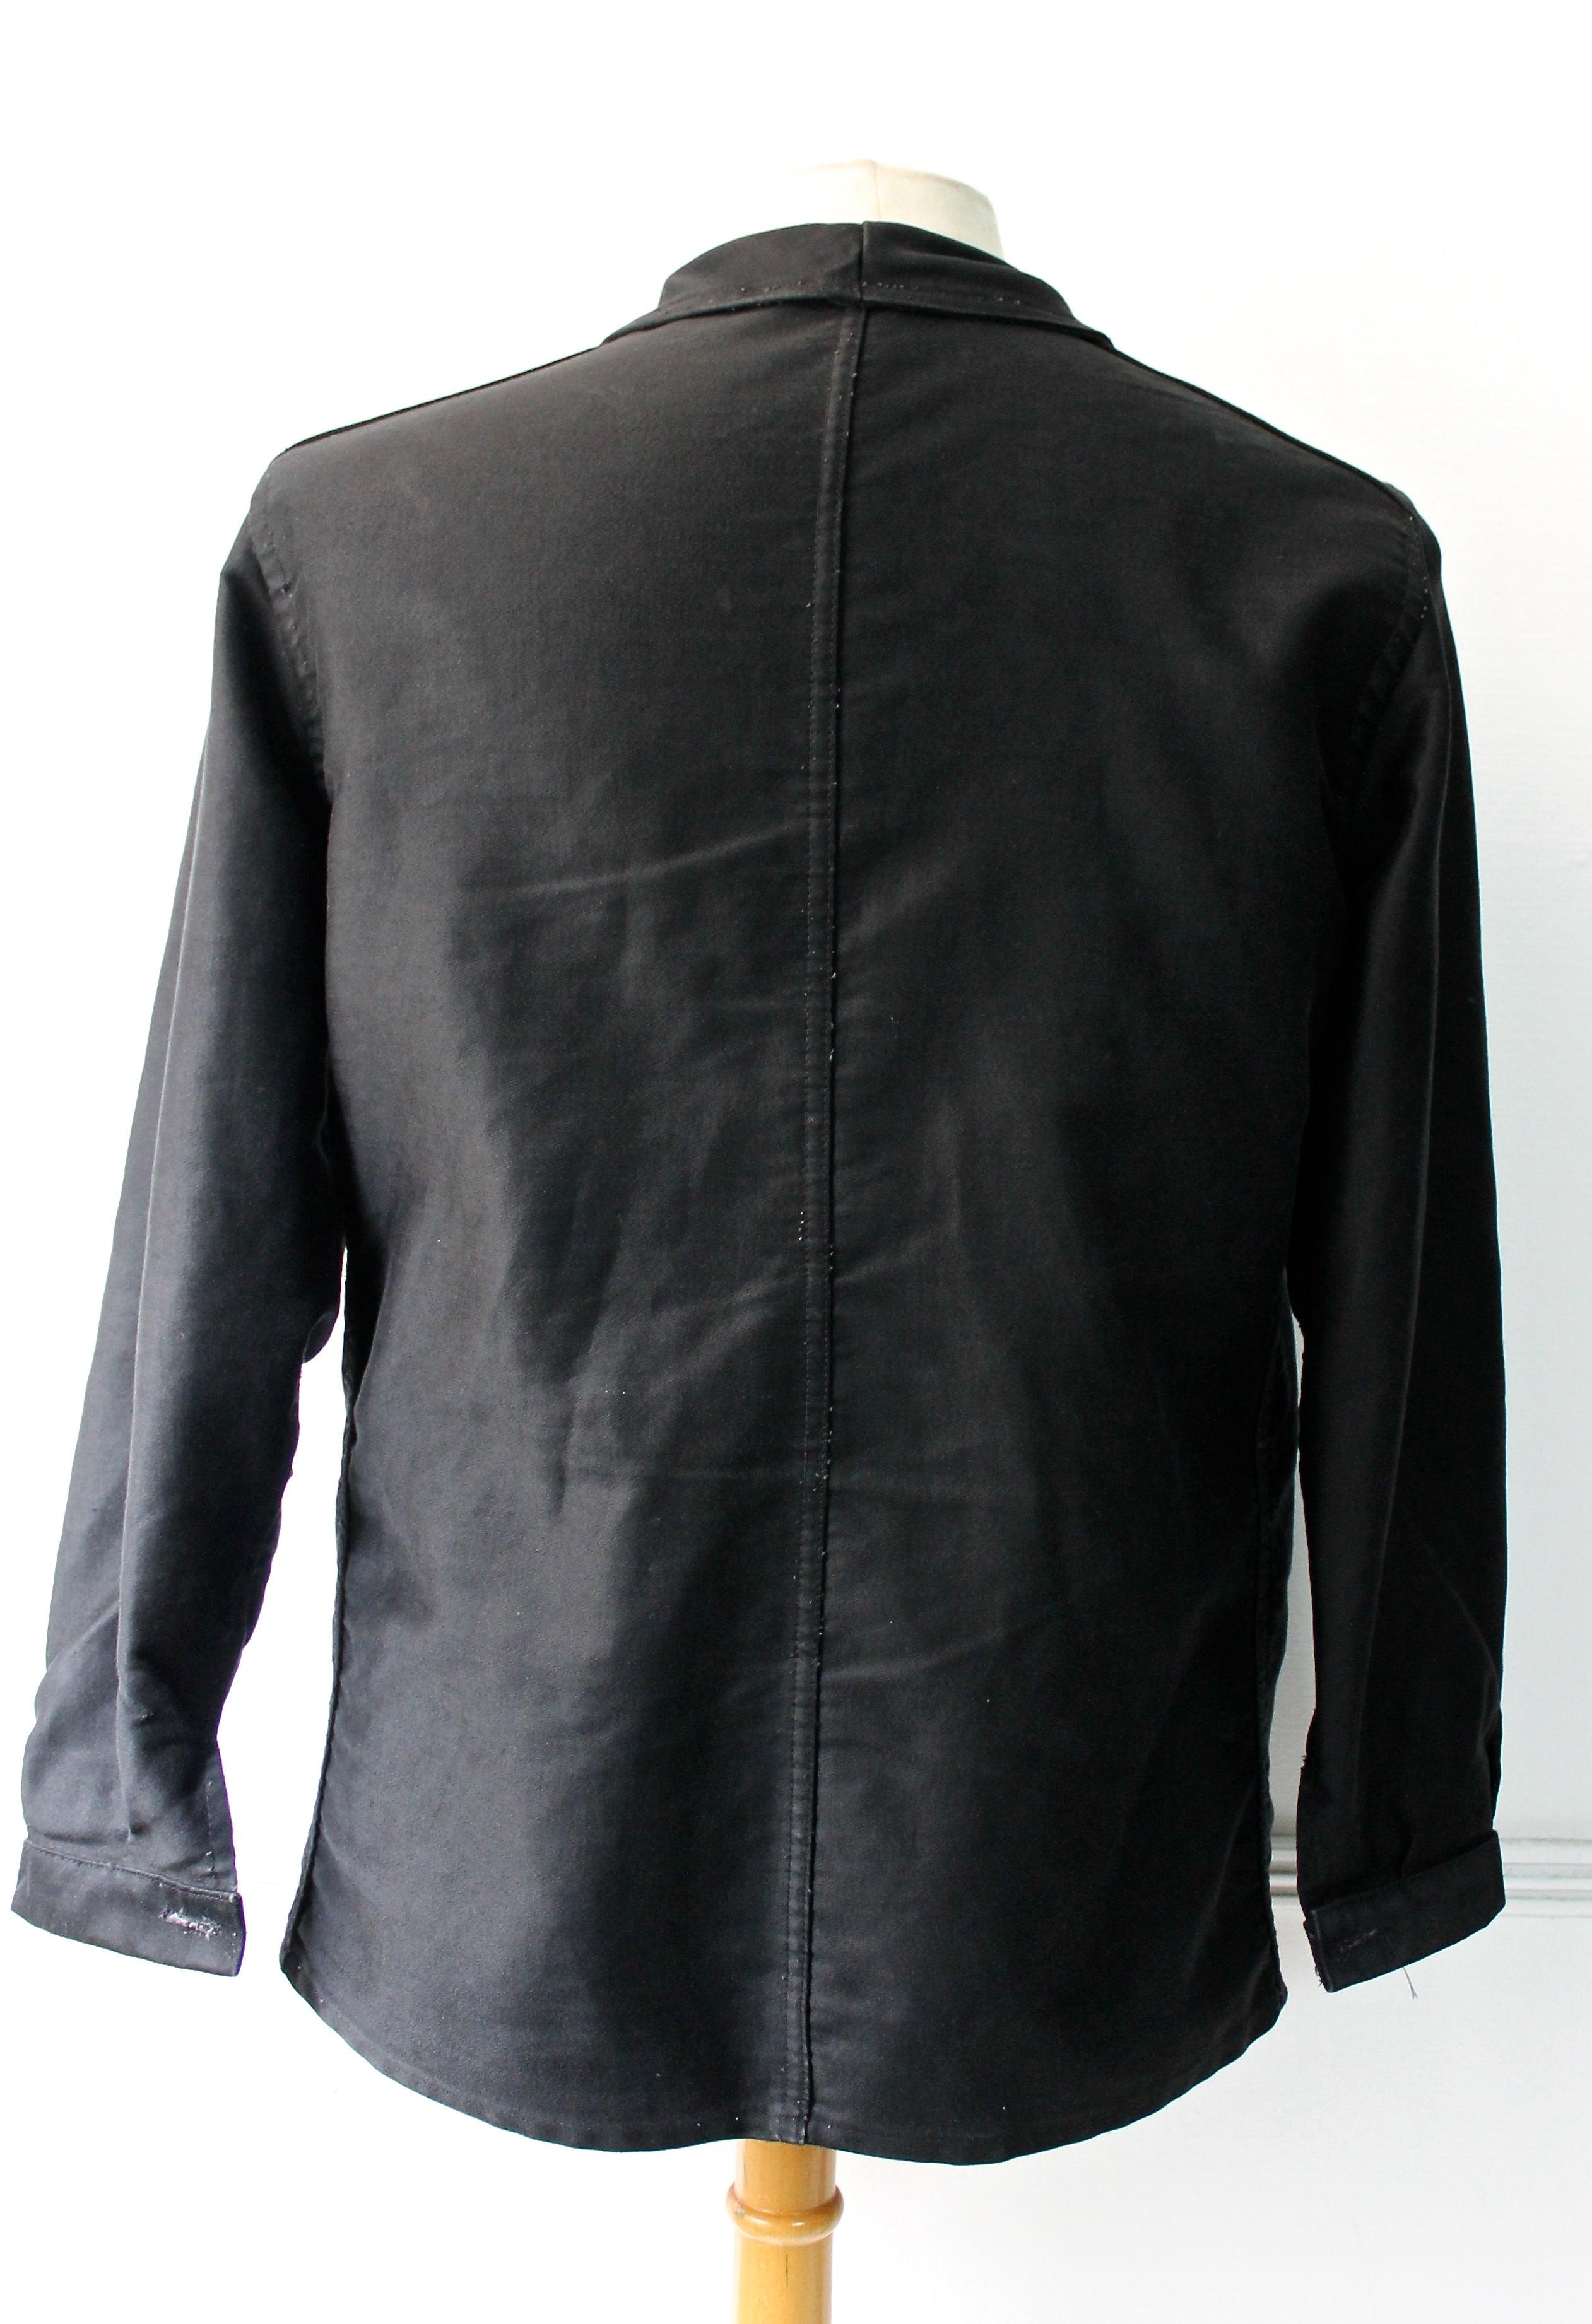 Black french work jacket